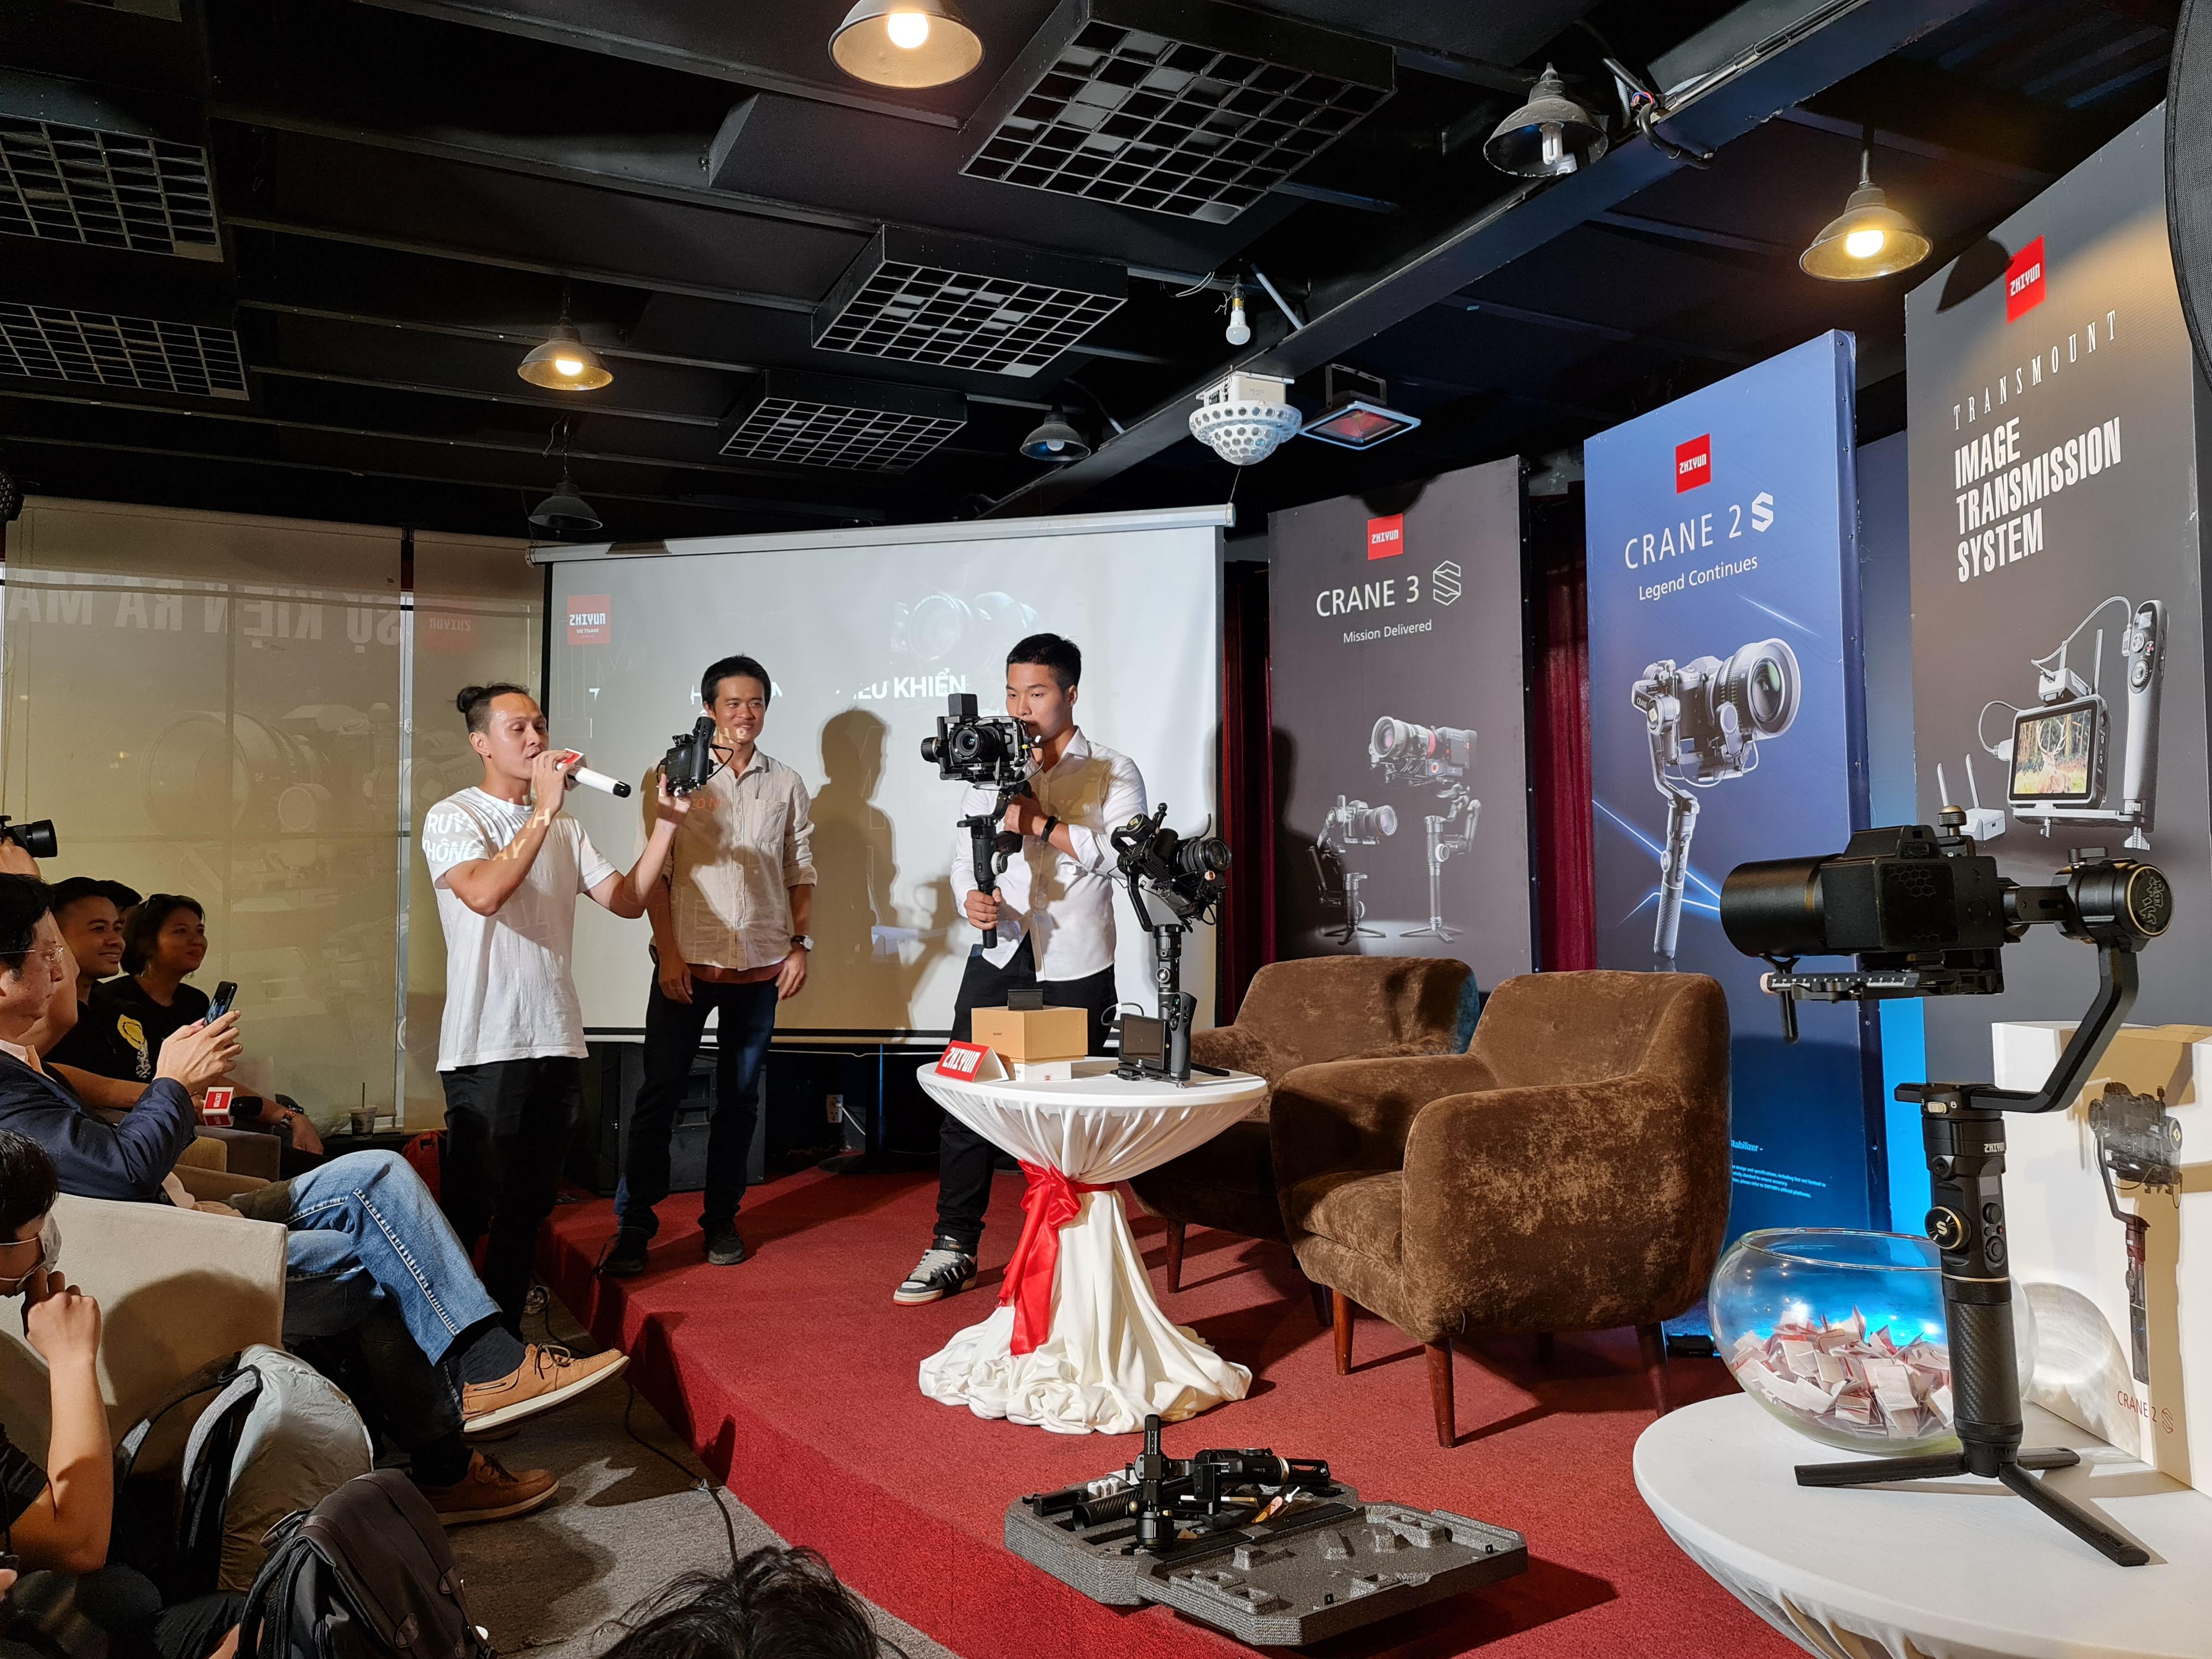 Gimbal Zhiyun CRANE 2S chính thức ra mắt tại Việt Nam: chịu tải lớn, thiết lập linh hoạt, gía 13.9 triệu đồng - Ảnh 1.